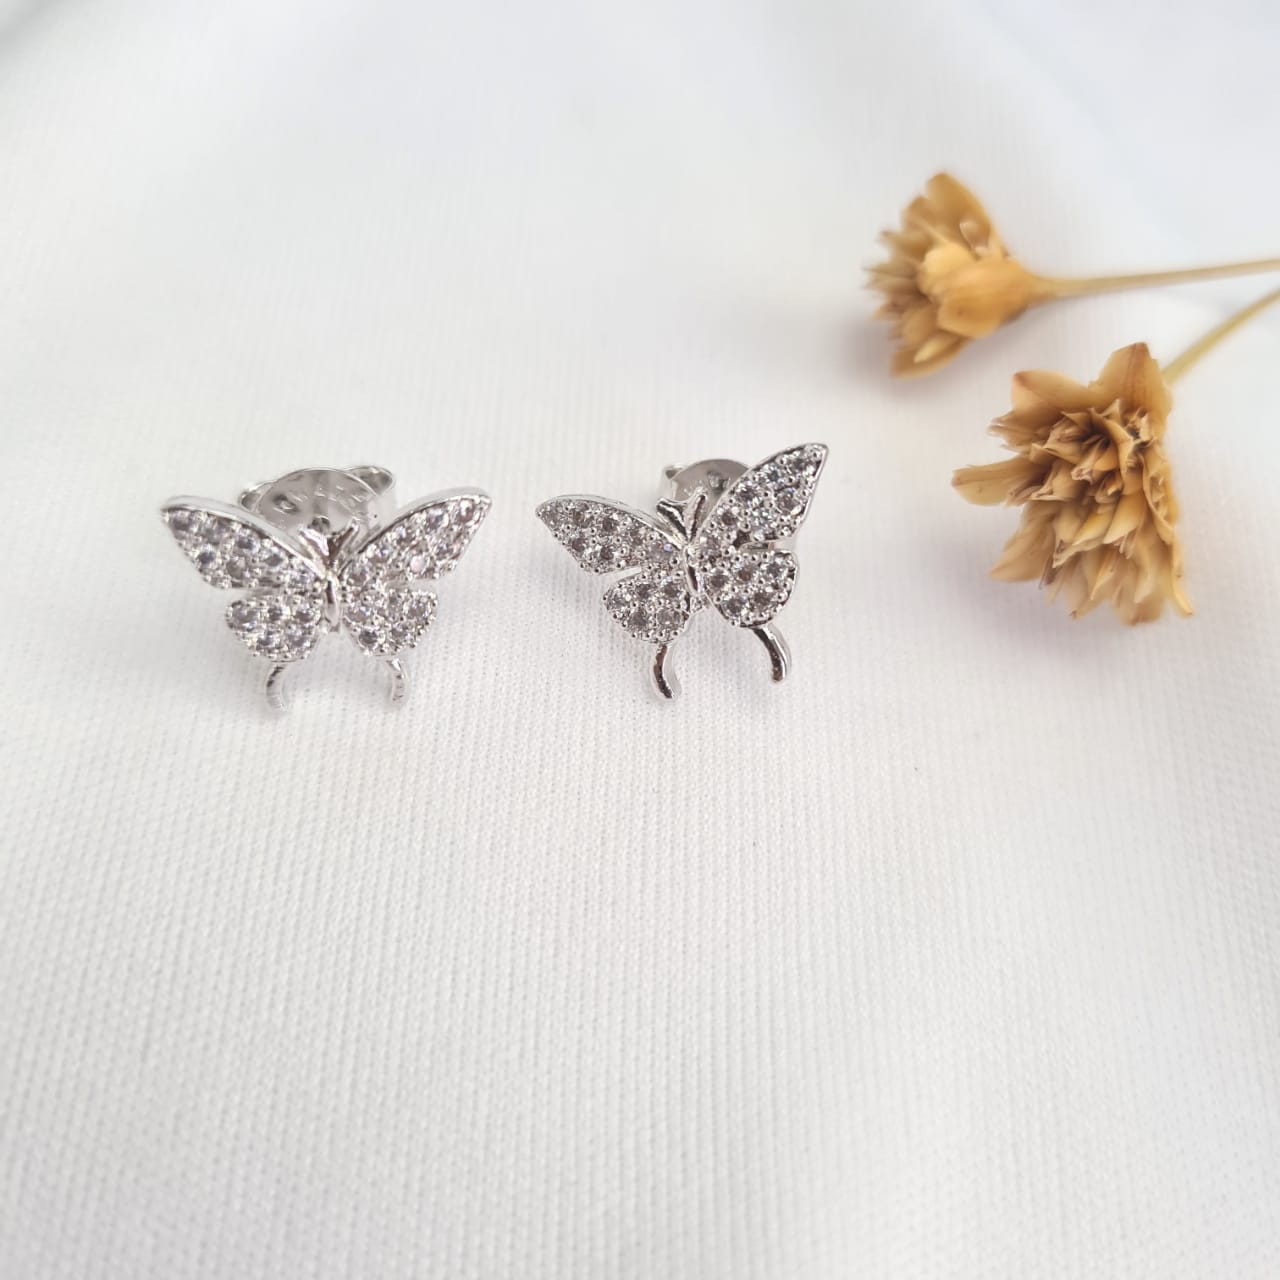 Brinco butterfly  banhado a ouro 18k e ródio branco